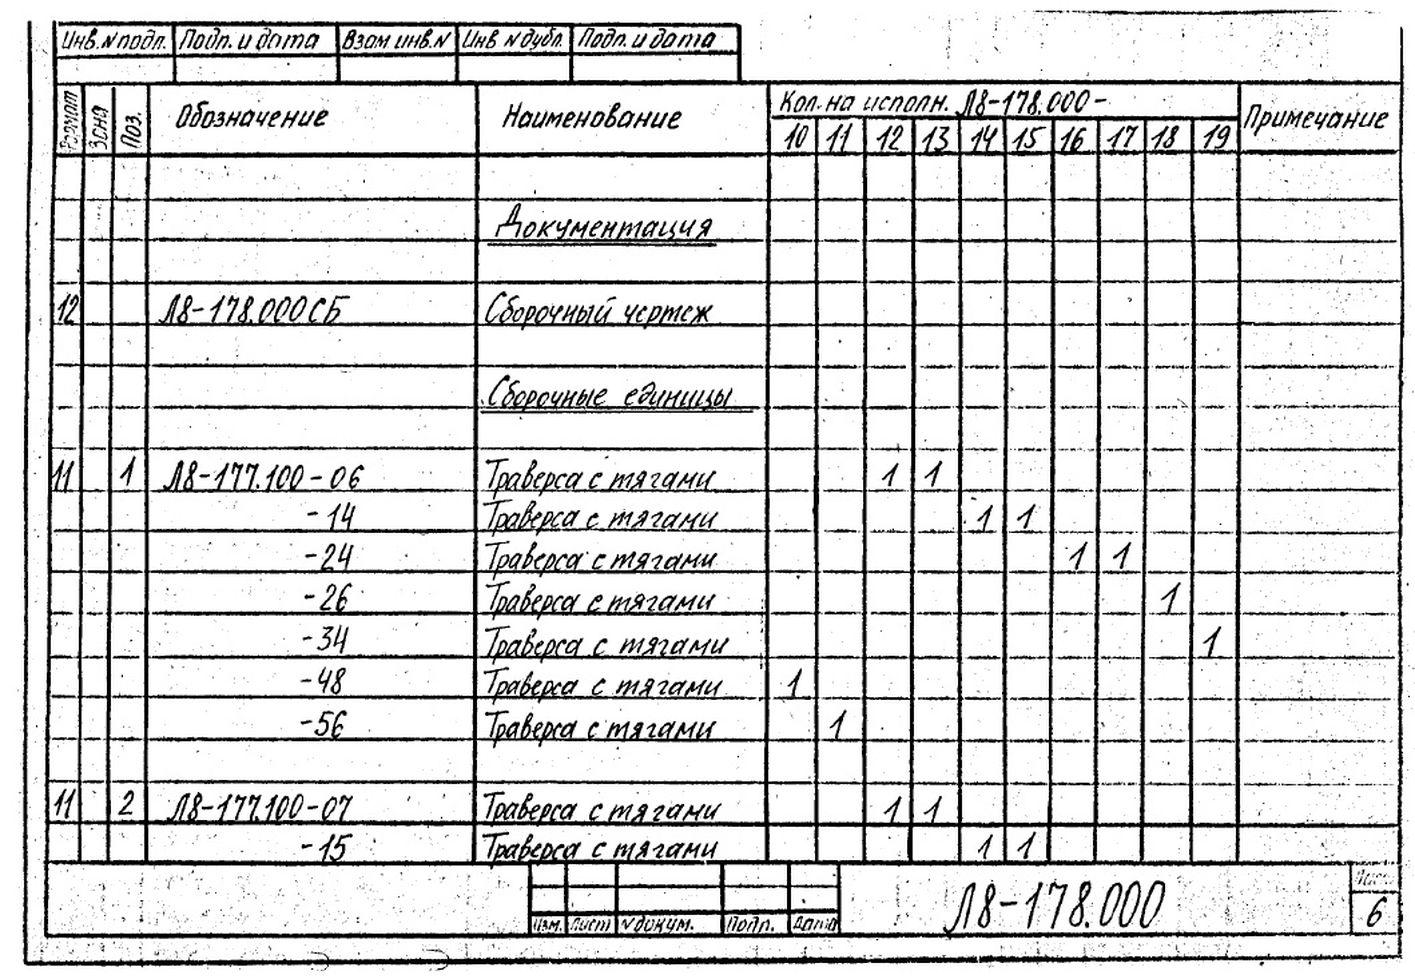 Блоки пружинные сдвоенные Л8-178.000 стр.7